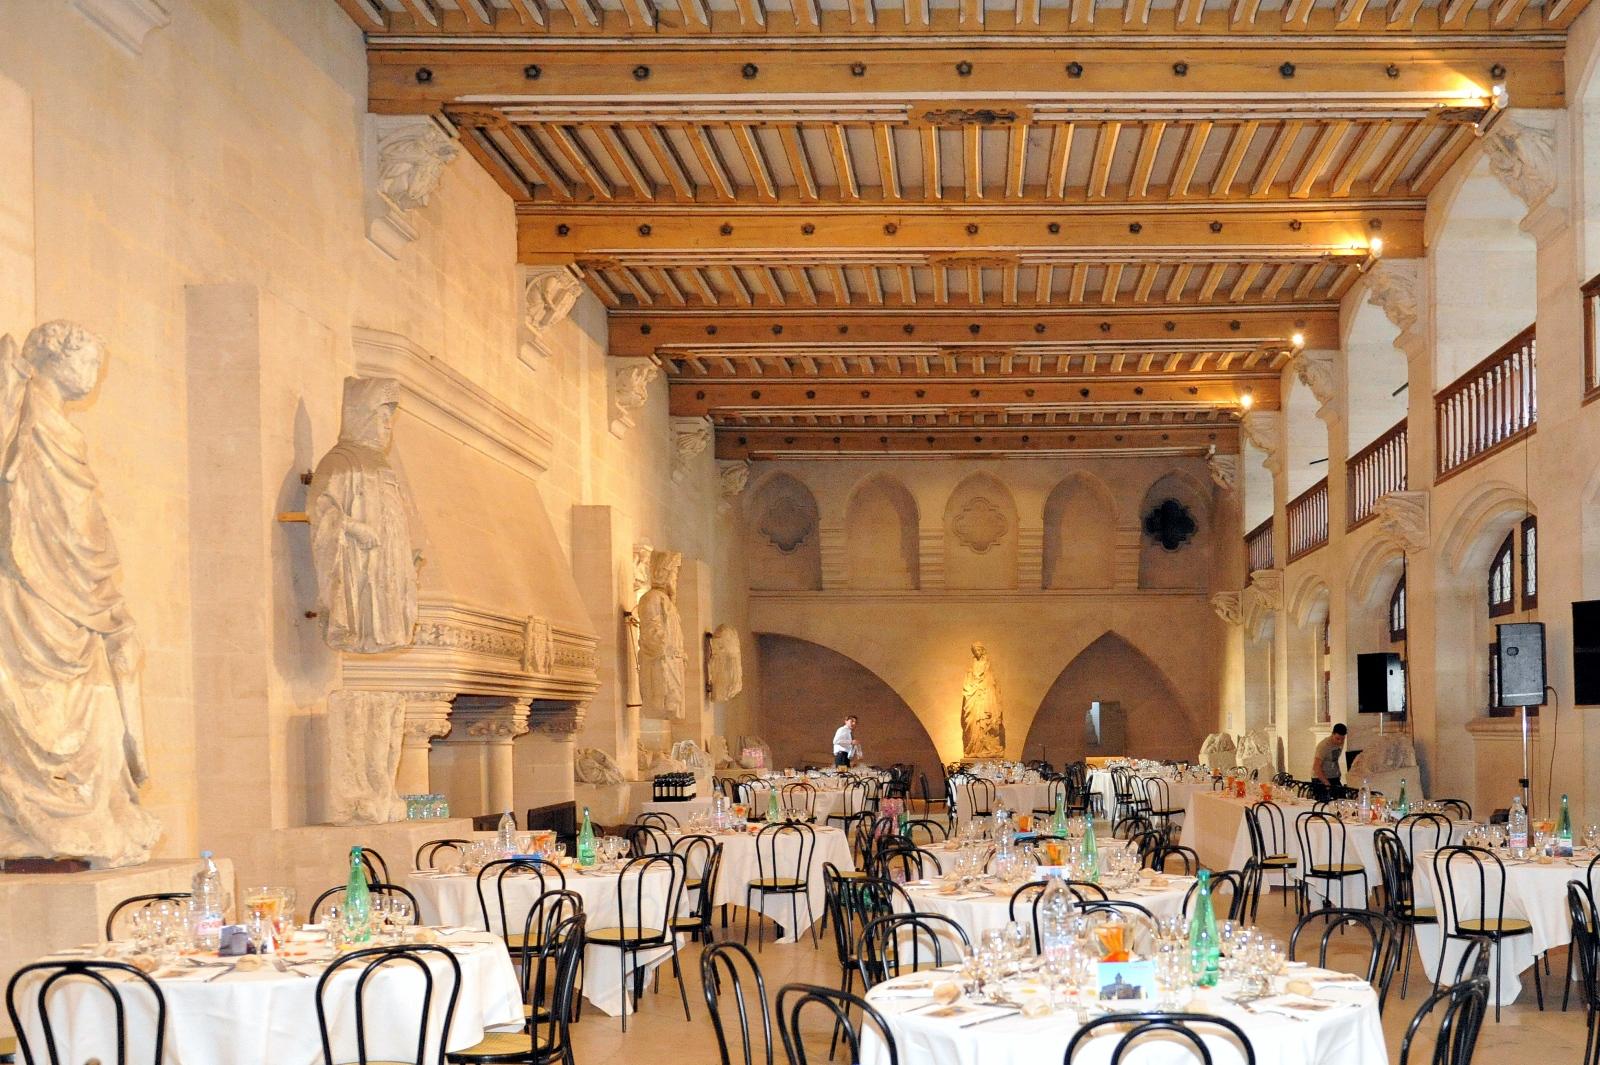 dg le repas et le brunch du lendemain a coucy le chateau - Chateau De Pierrefonds Mariage